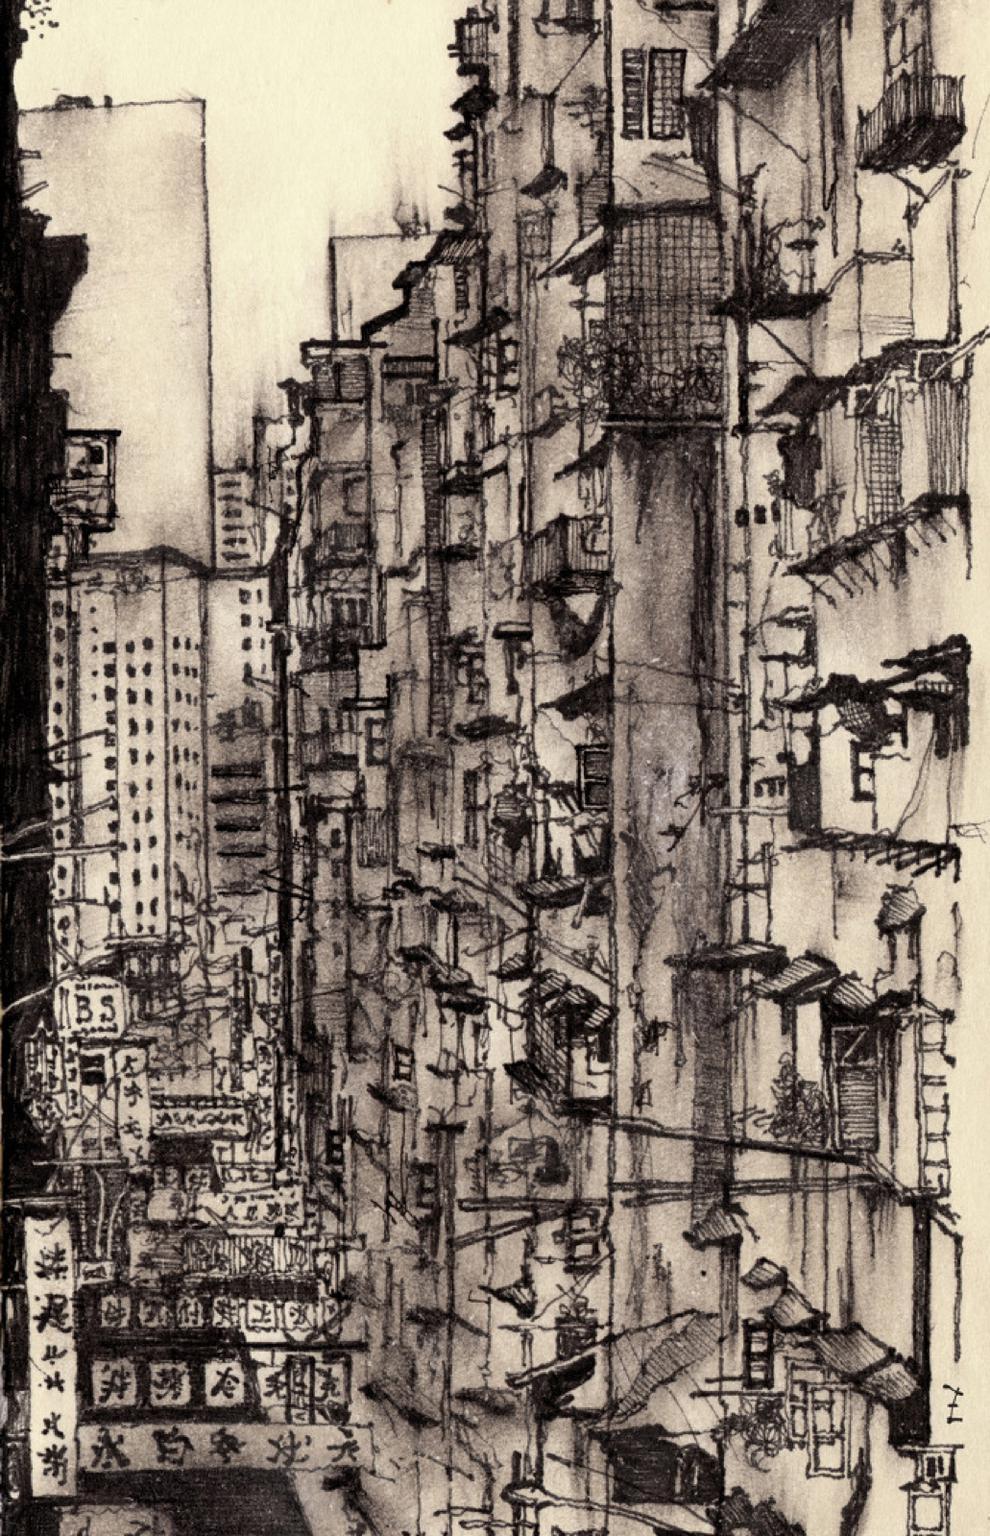 chinatown.jpg)_resized.jpg